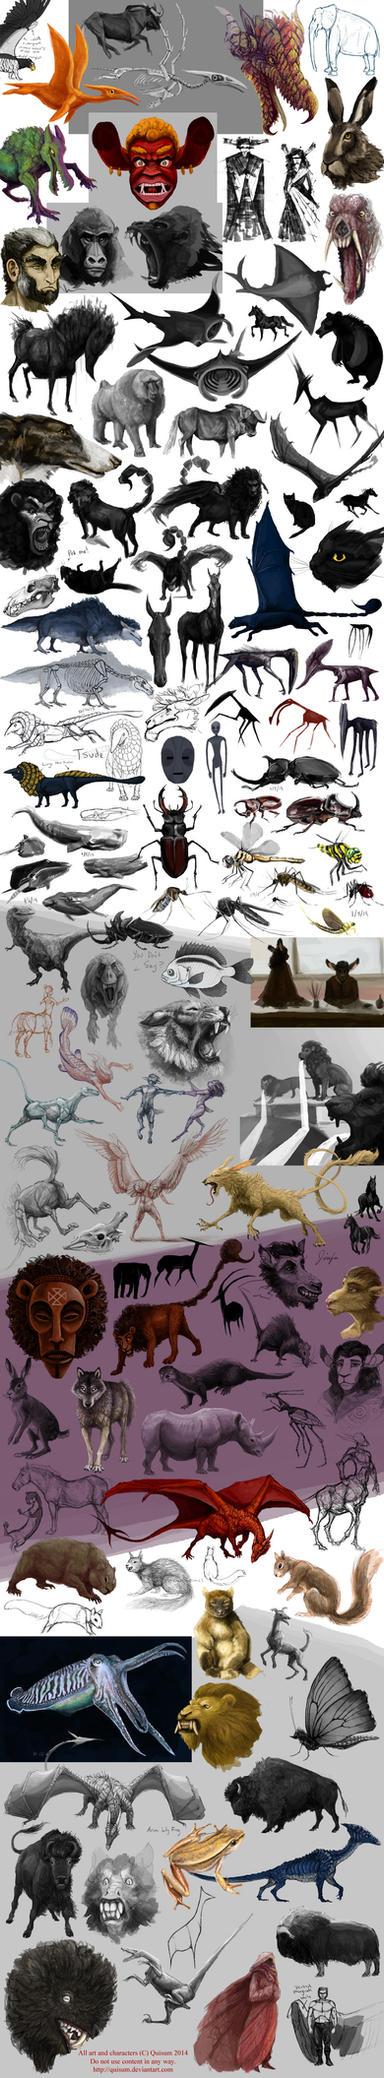 Creature Dump 4 by Quisum